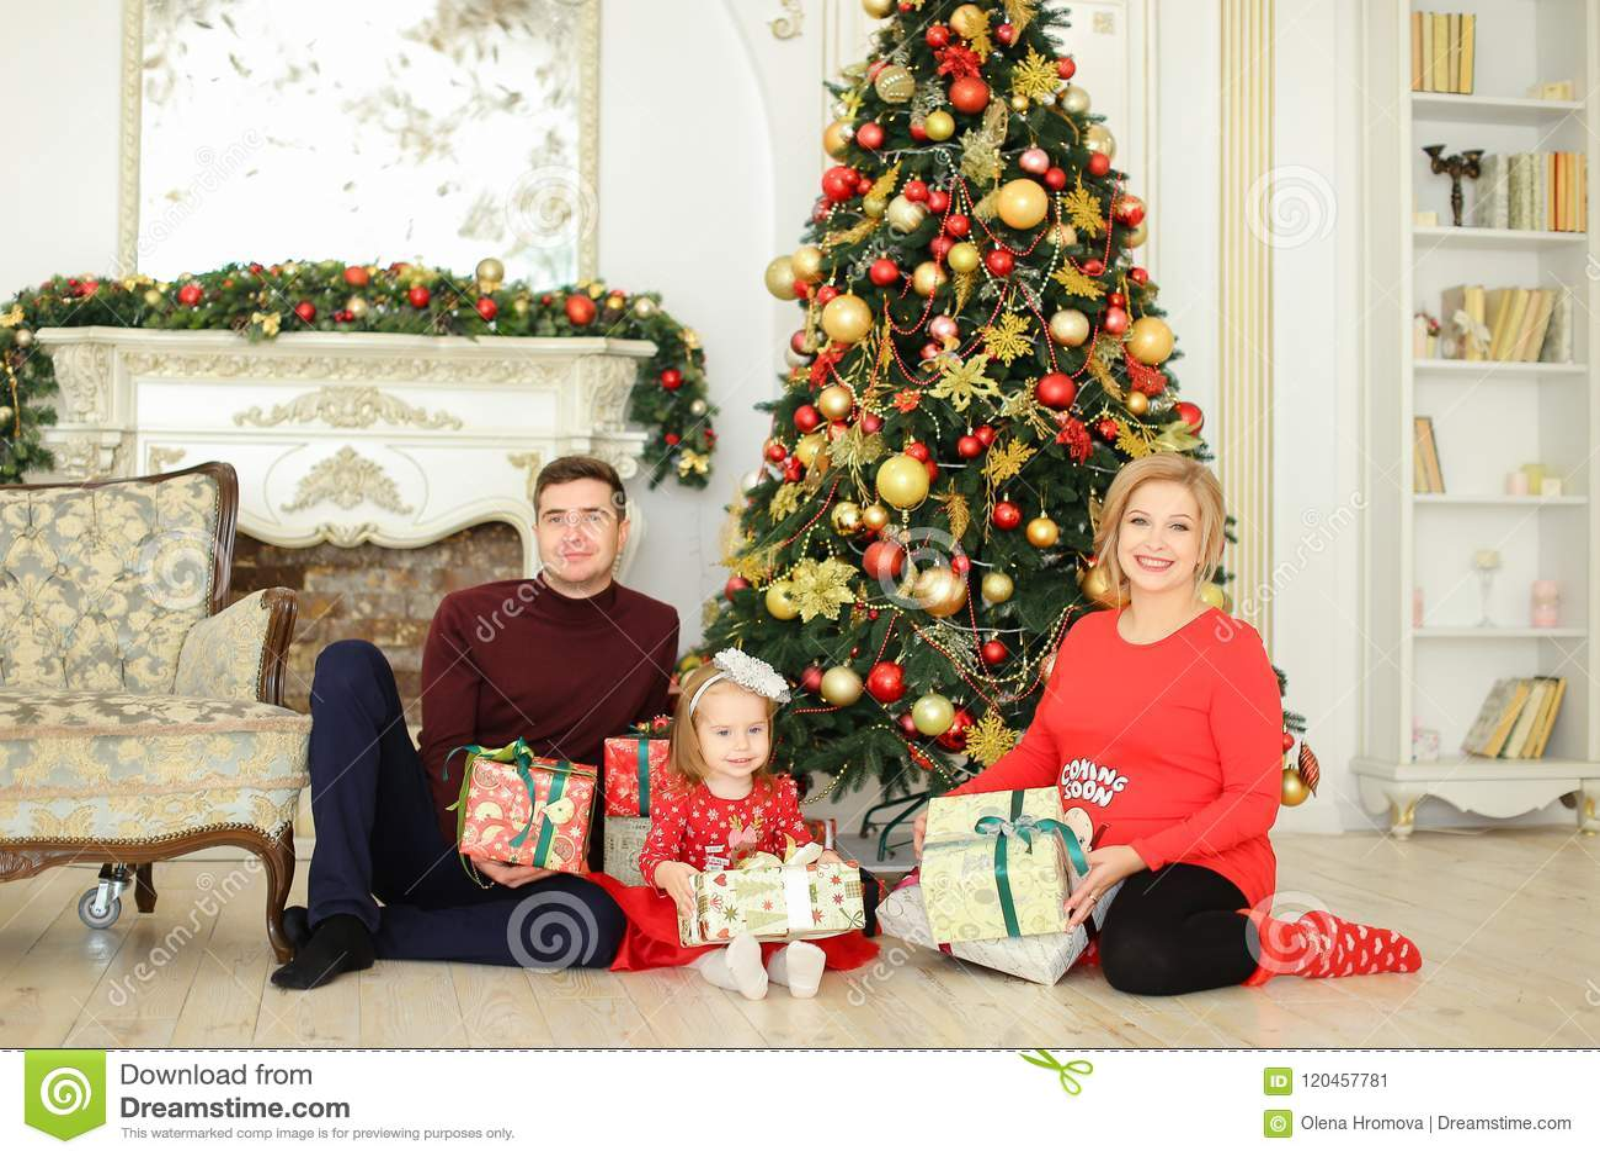 Η έγκυος ξανθή συνεδρίαση γυναικών με τον άνδρα και λίγη κόρη κοντά στο χριστουγεννιάτικο δέντρο και παρουσιάζει